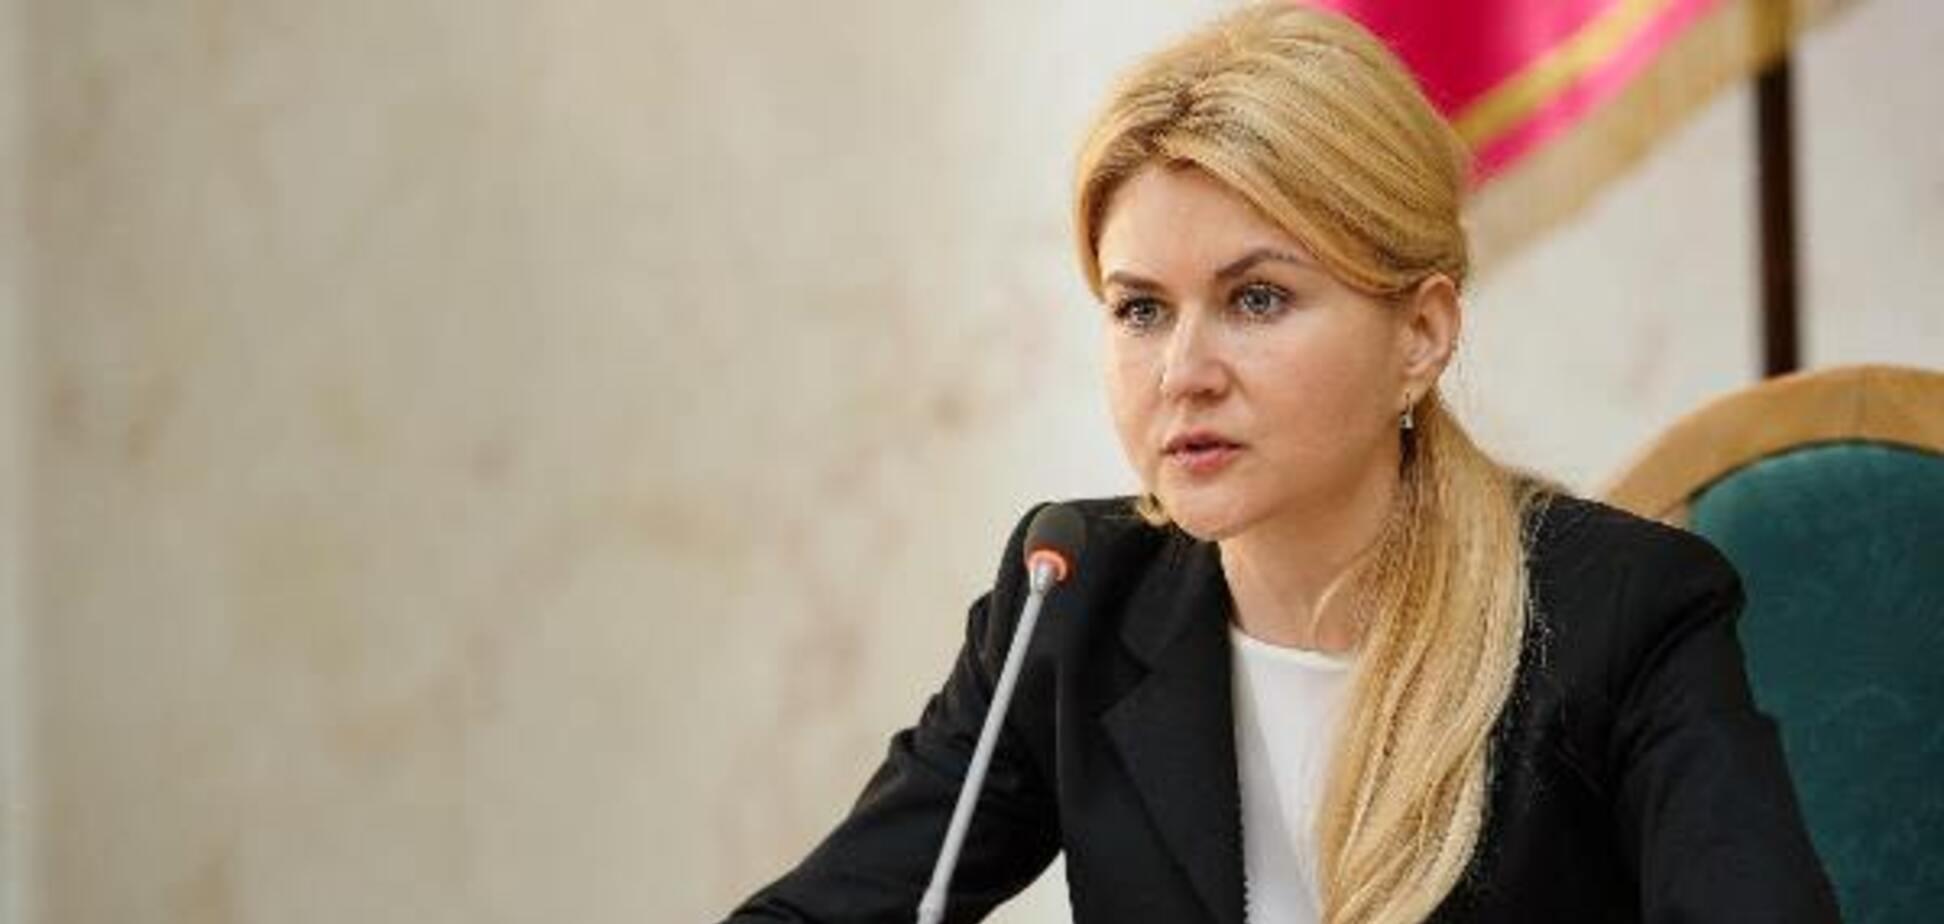 Аваков и Светличная синхронно заявили о честных выборах